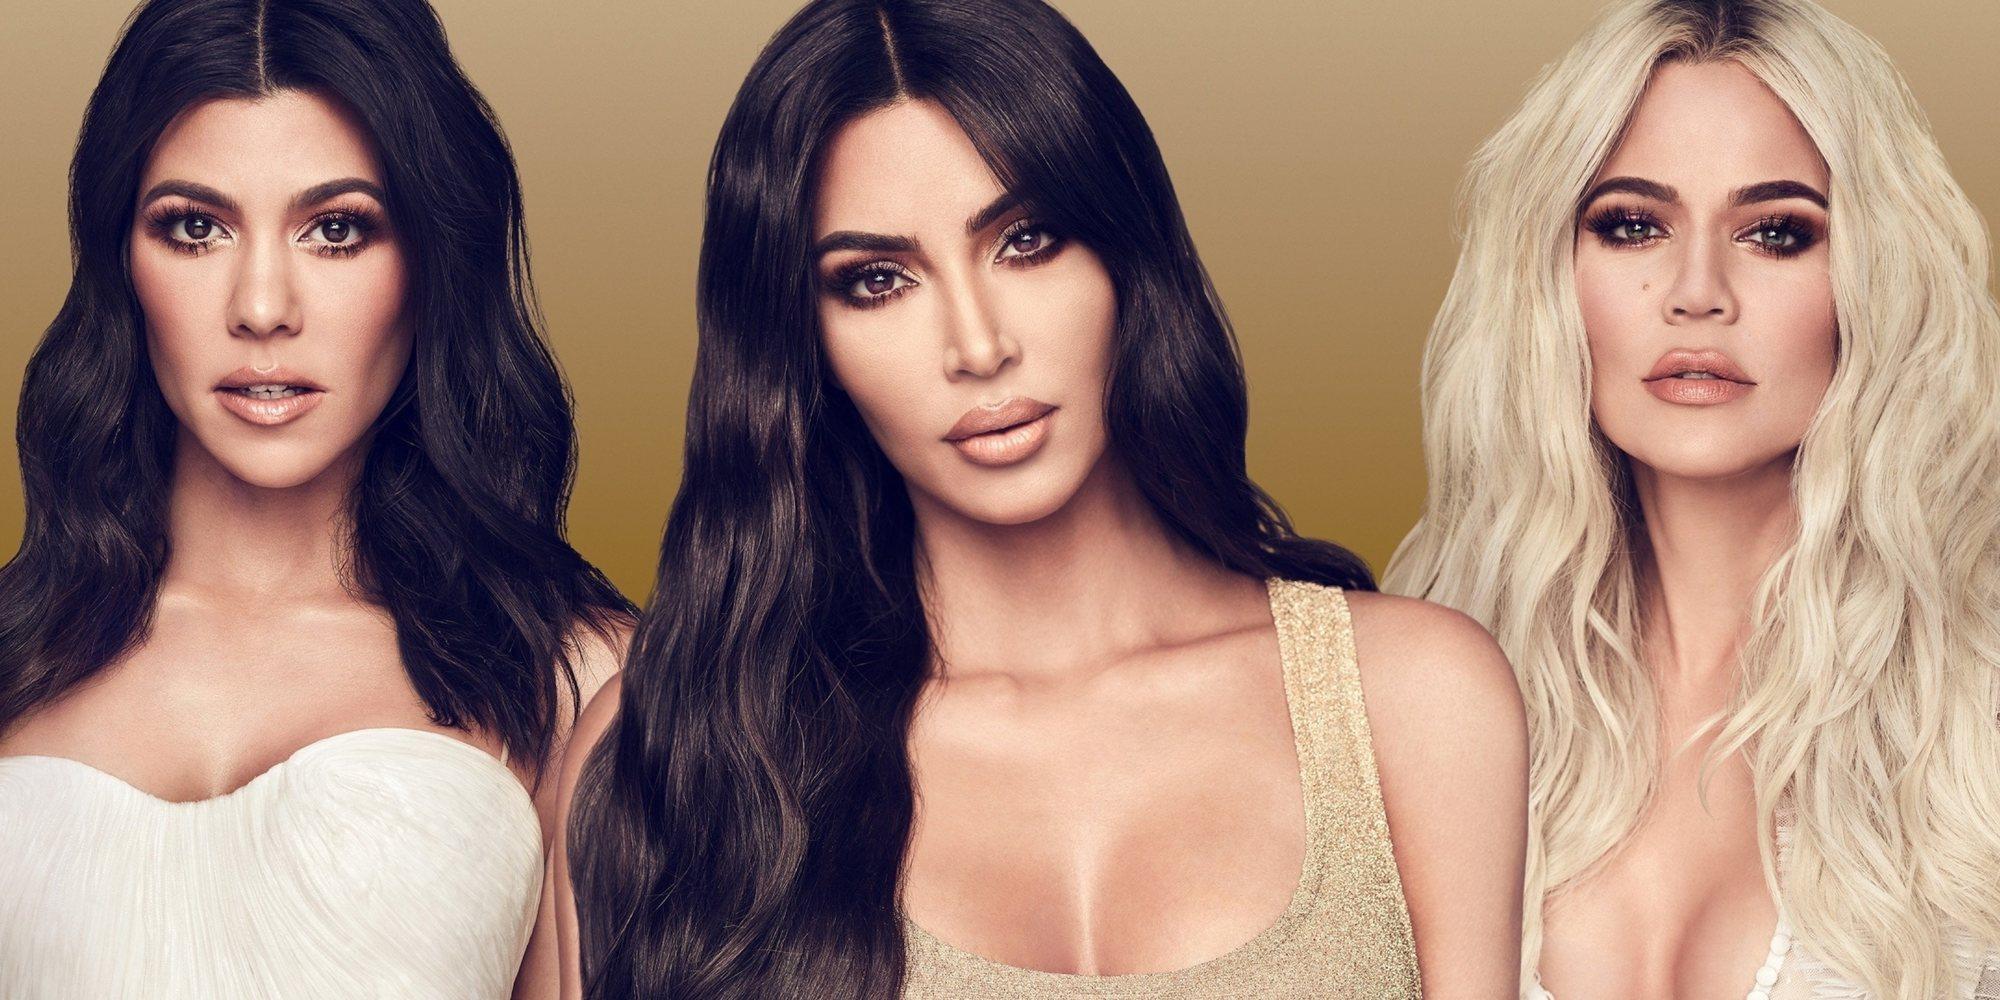 El segundo hijo de Khloé Kardashian, Kourtney y Scott juntos, el divorcio de Kim: todo sobre la última temporada de 'KUWTK'